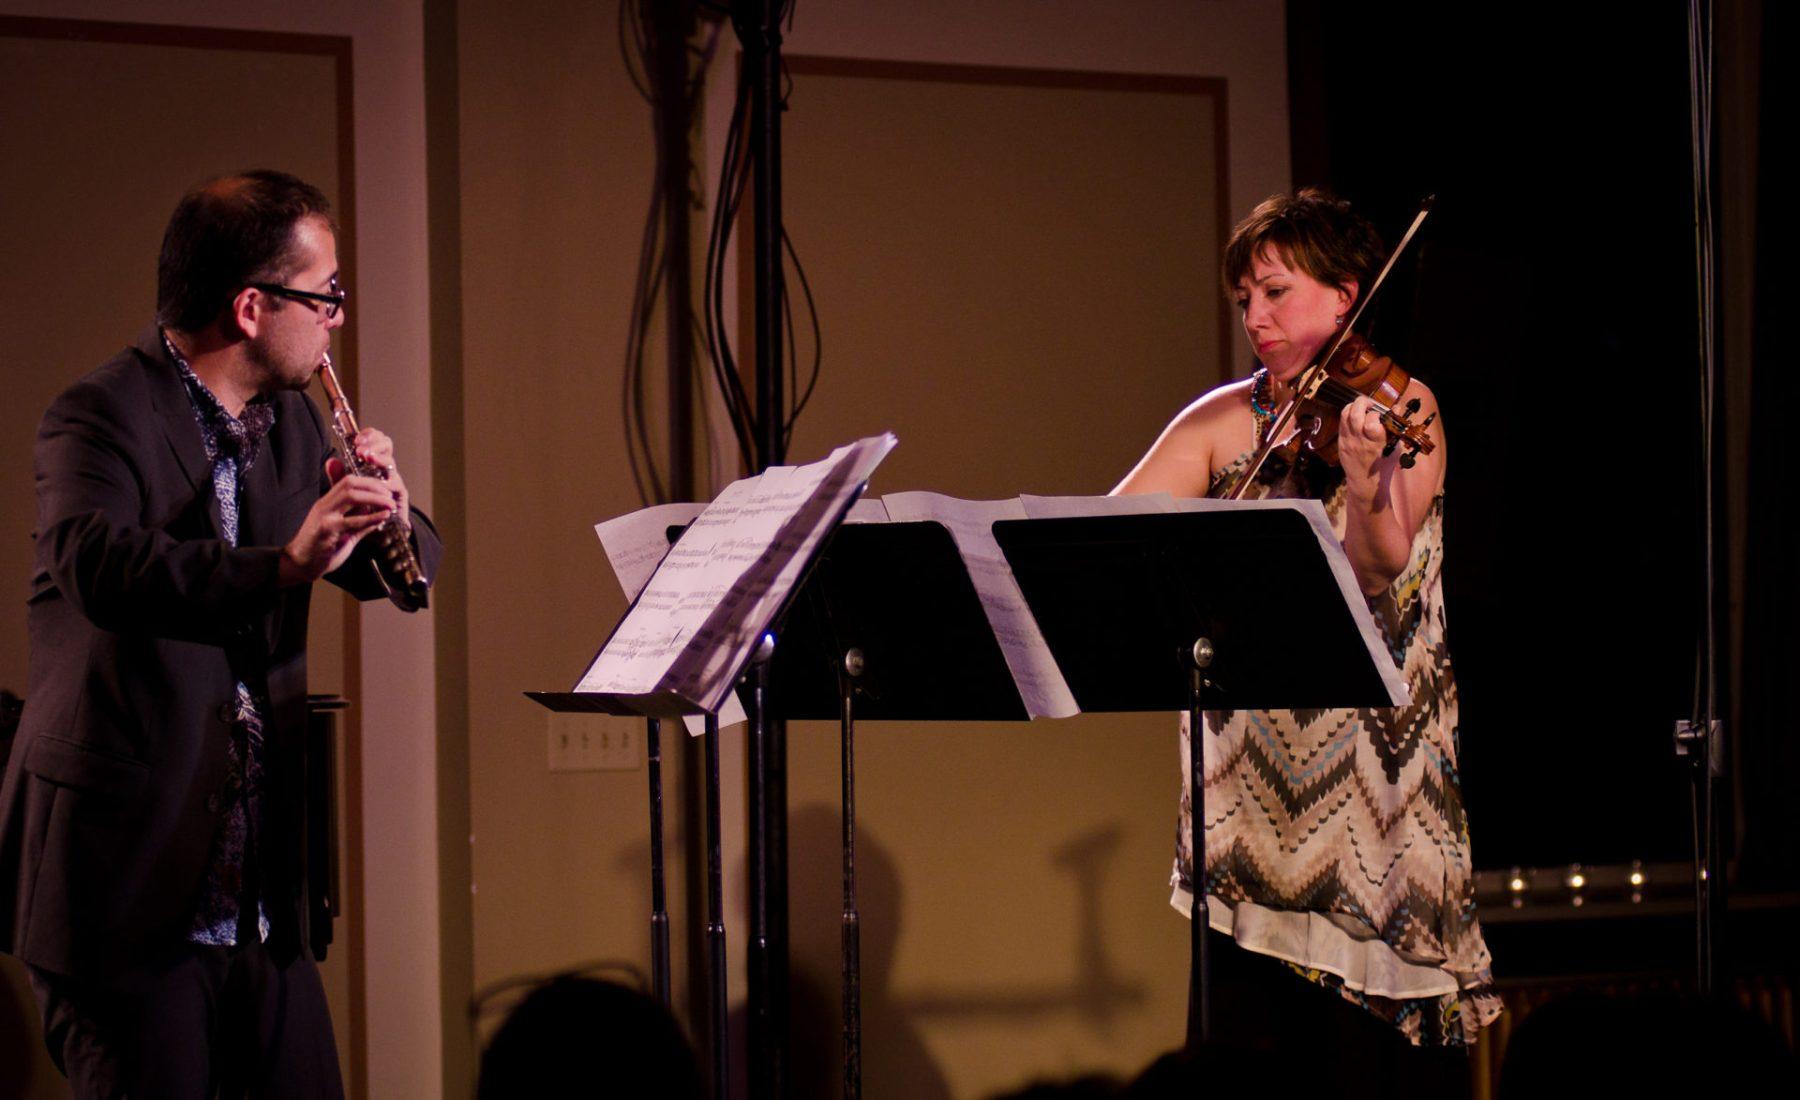 Mark Takeshi McGregor & Müge Büyükçelen, Modulus Festival 2012